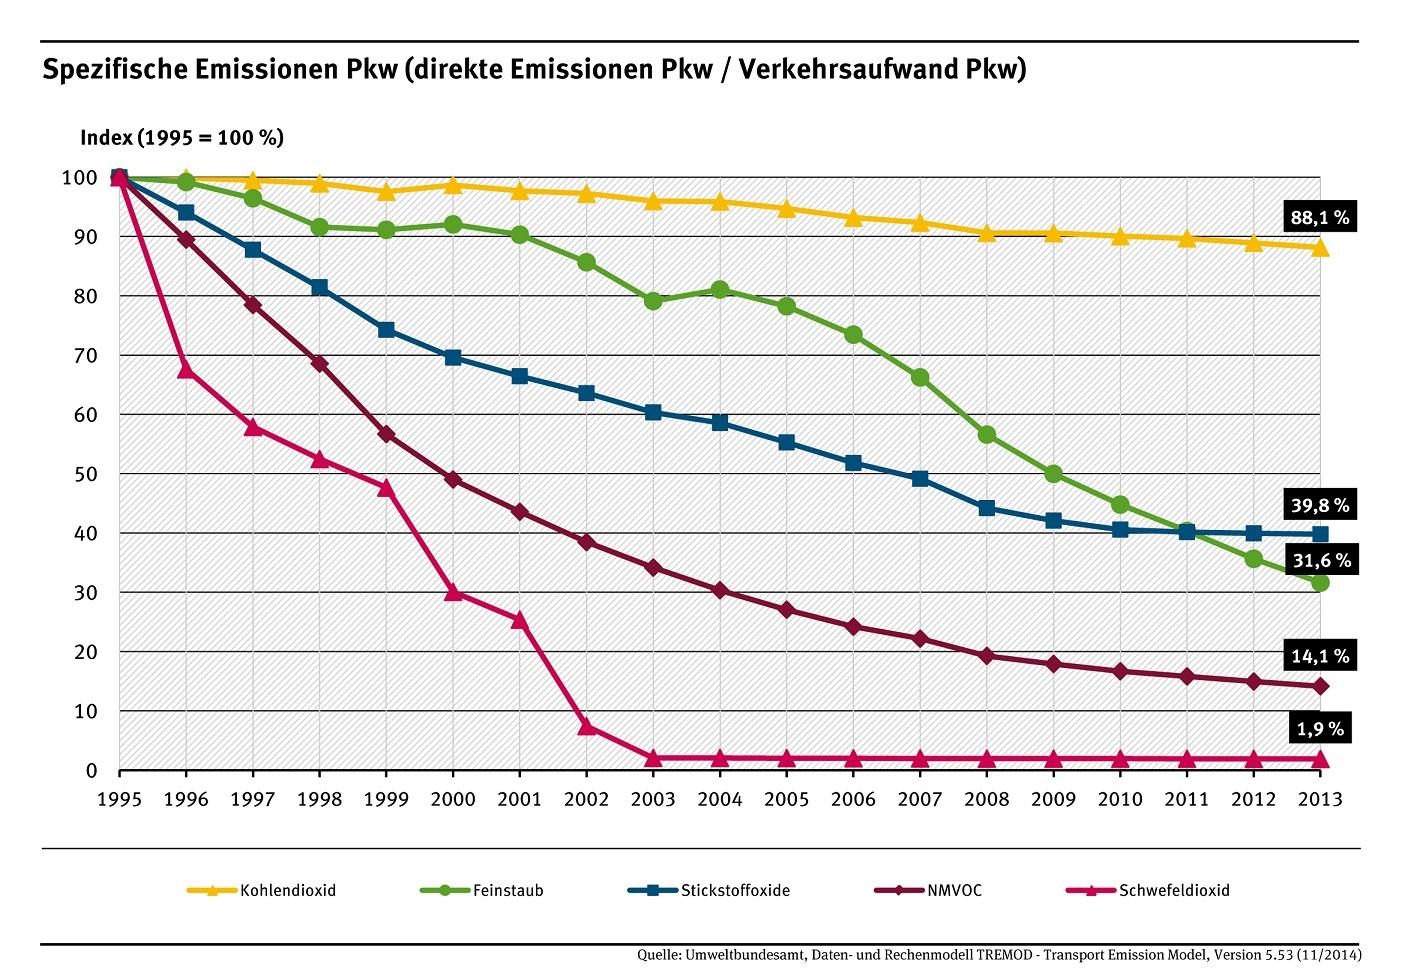 Eine Million Elektrofrahrzeuge, Energiewende aktuell, UBA_spezifische-emissionen-pkw_2015-05-07